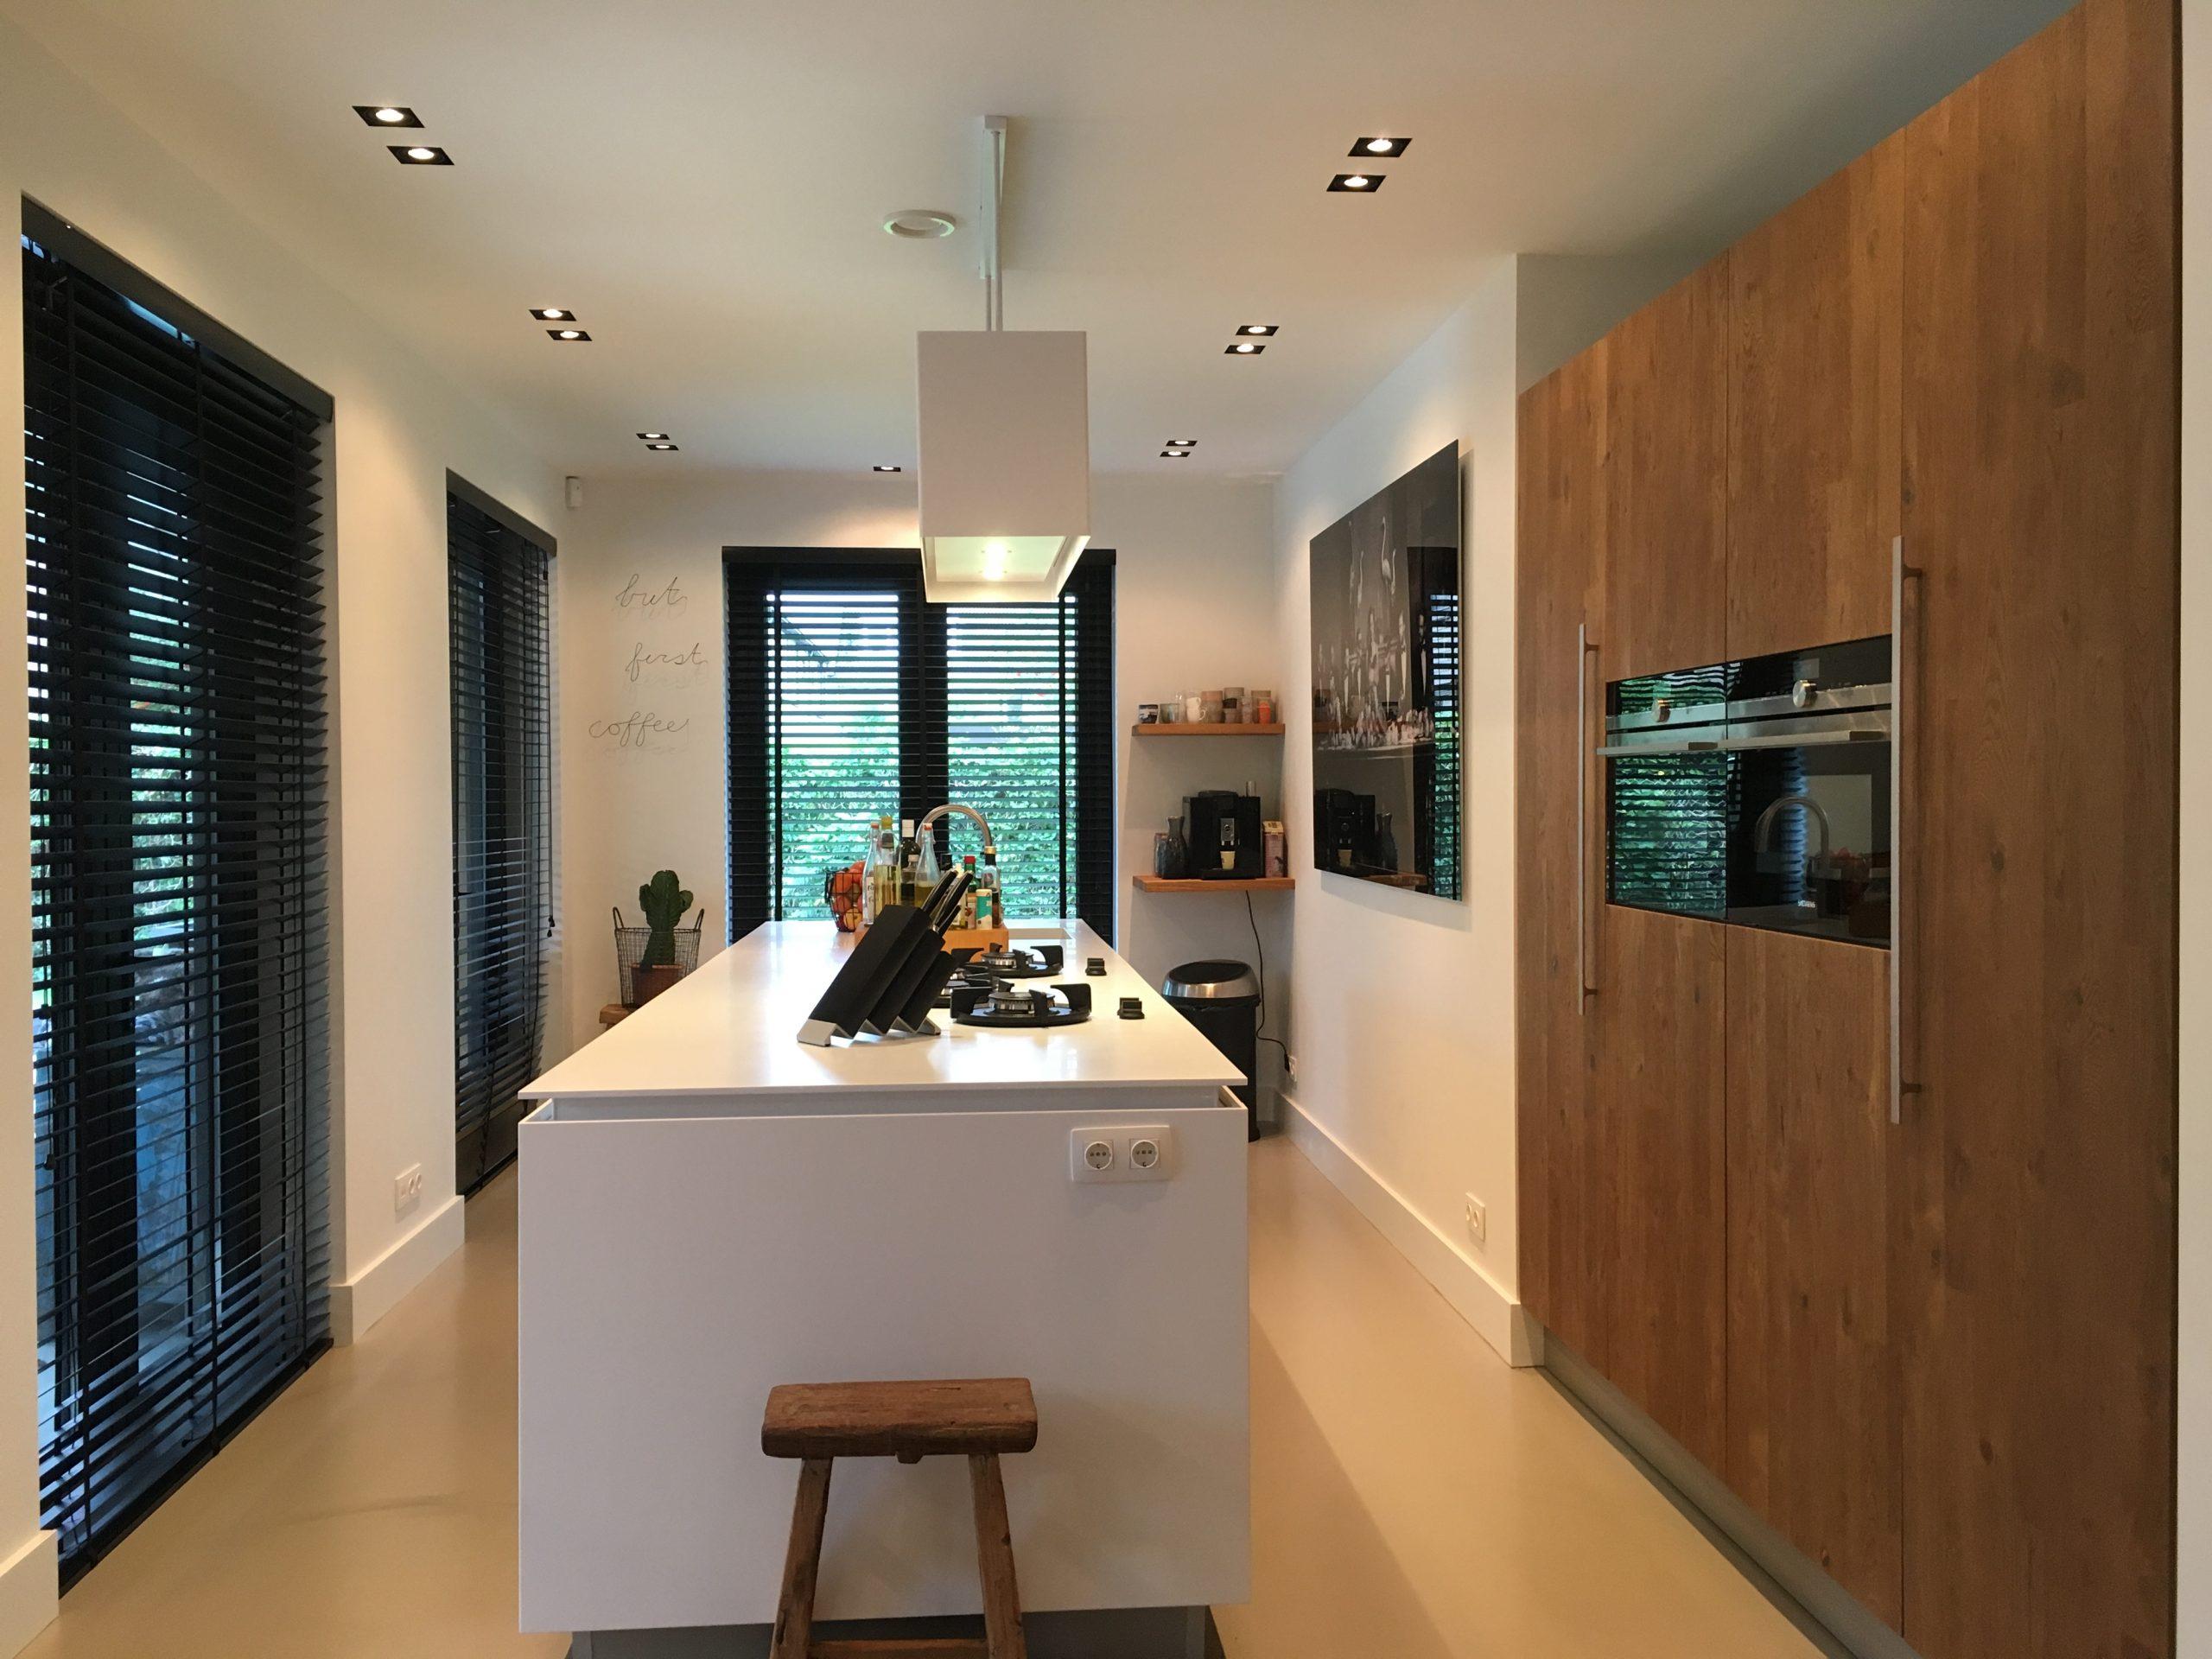 opvallende designkeuken in wit en hout